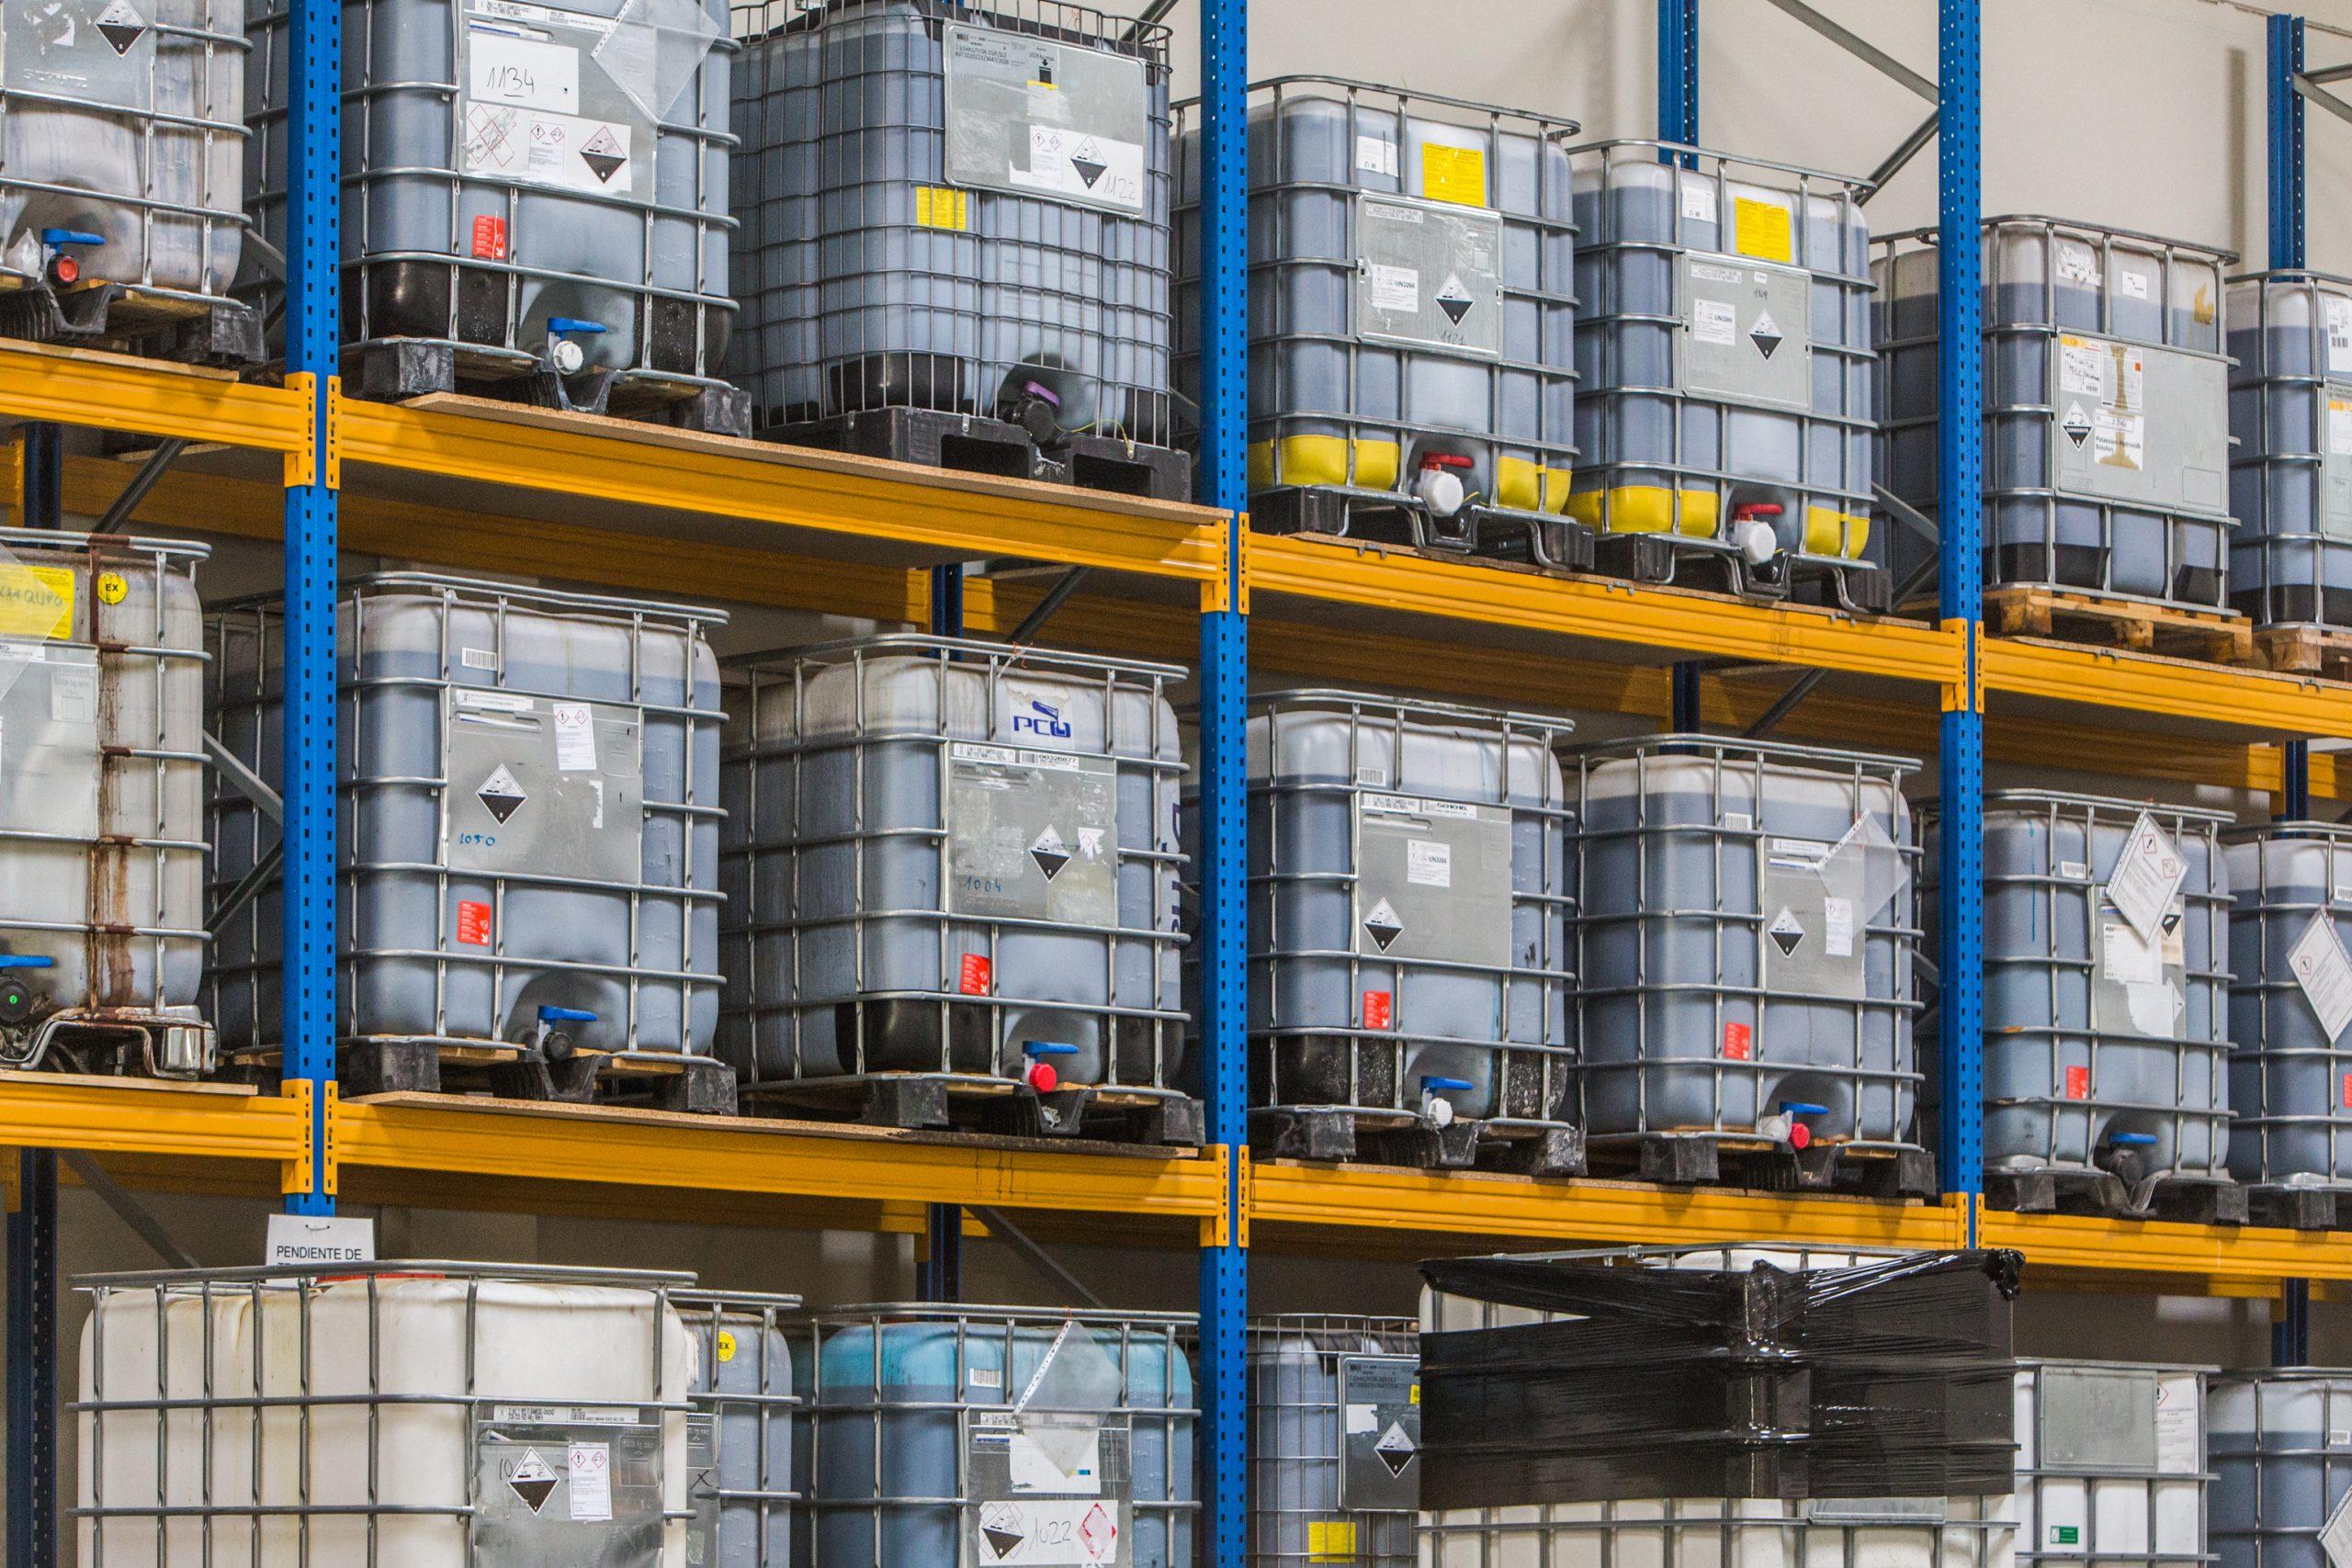 Almacen de residuos industriales